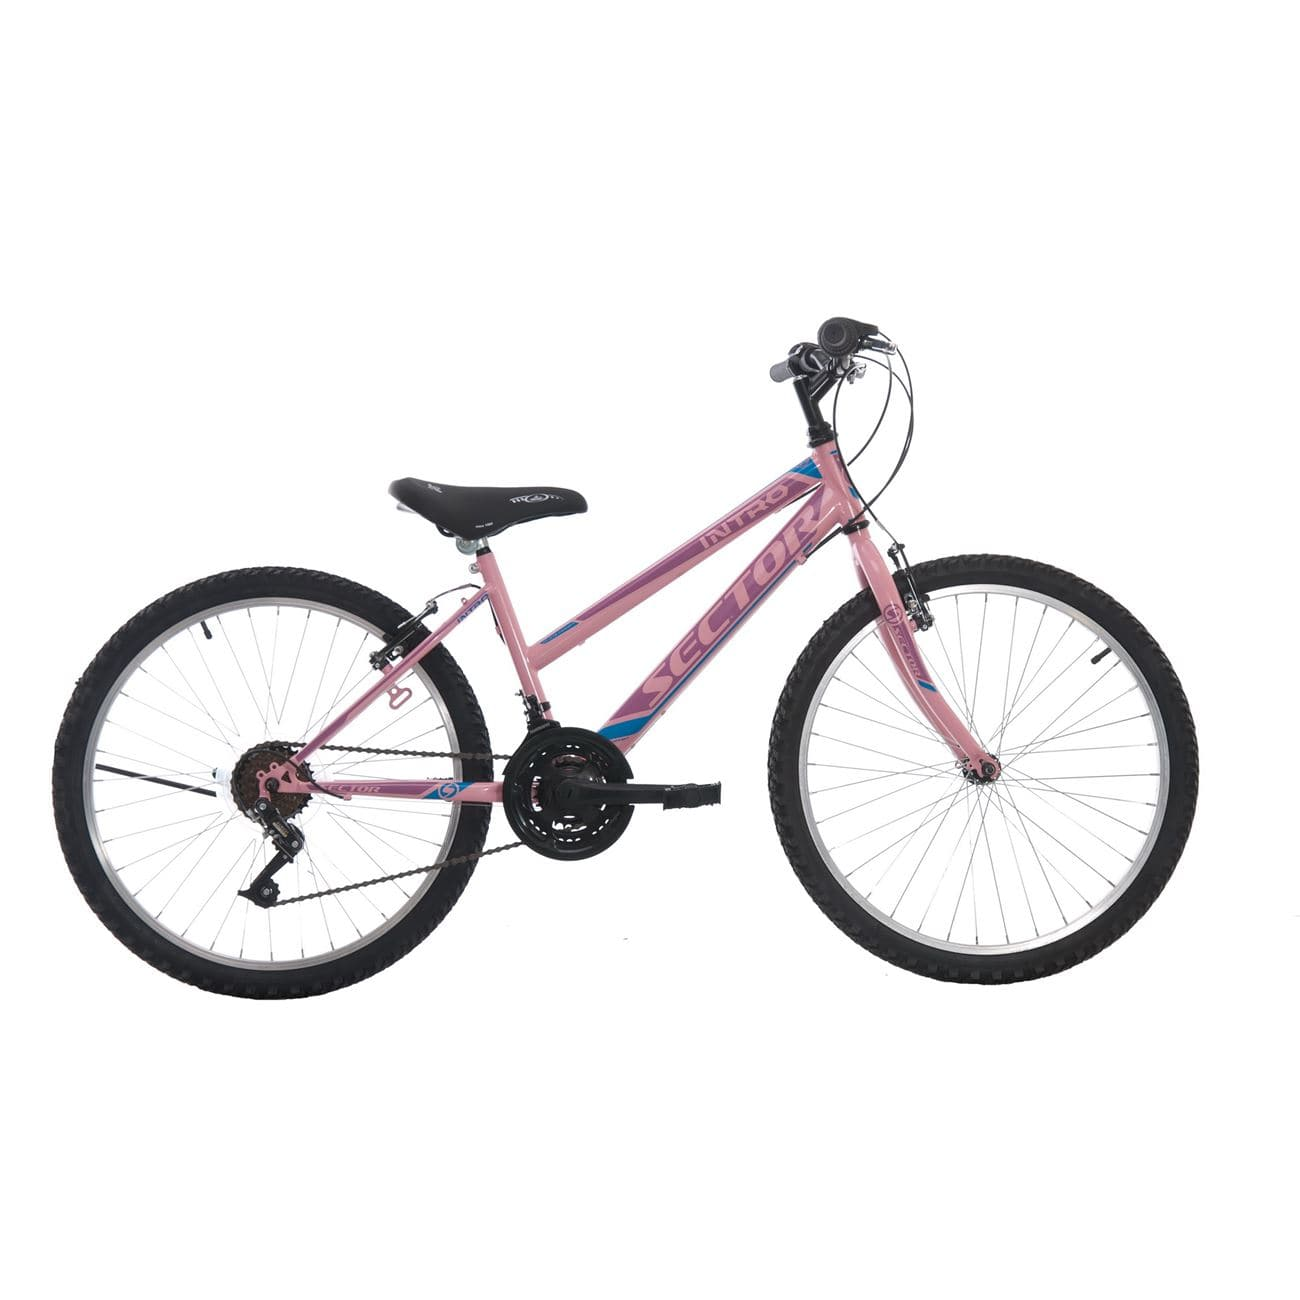 Ποδήλατο Sector Hard Mtb Γυναικείο - Ποδήλατα